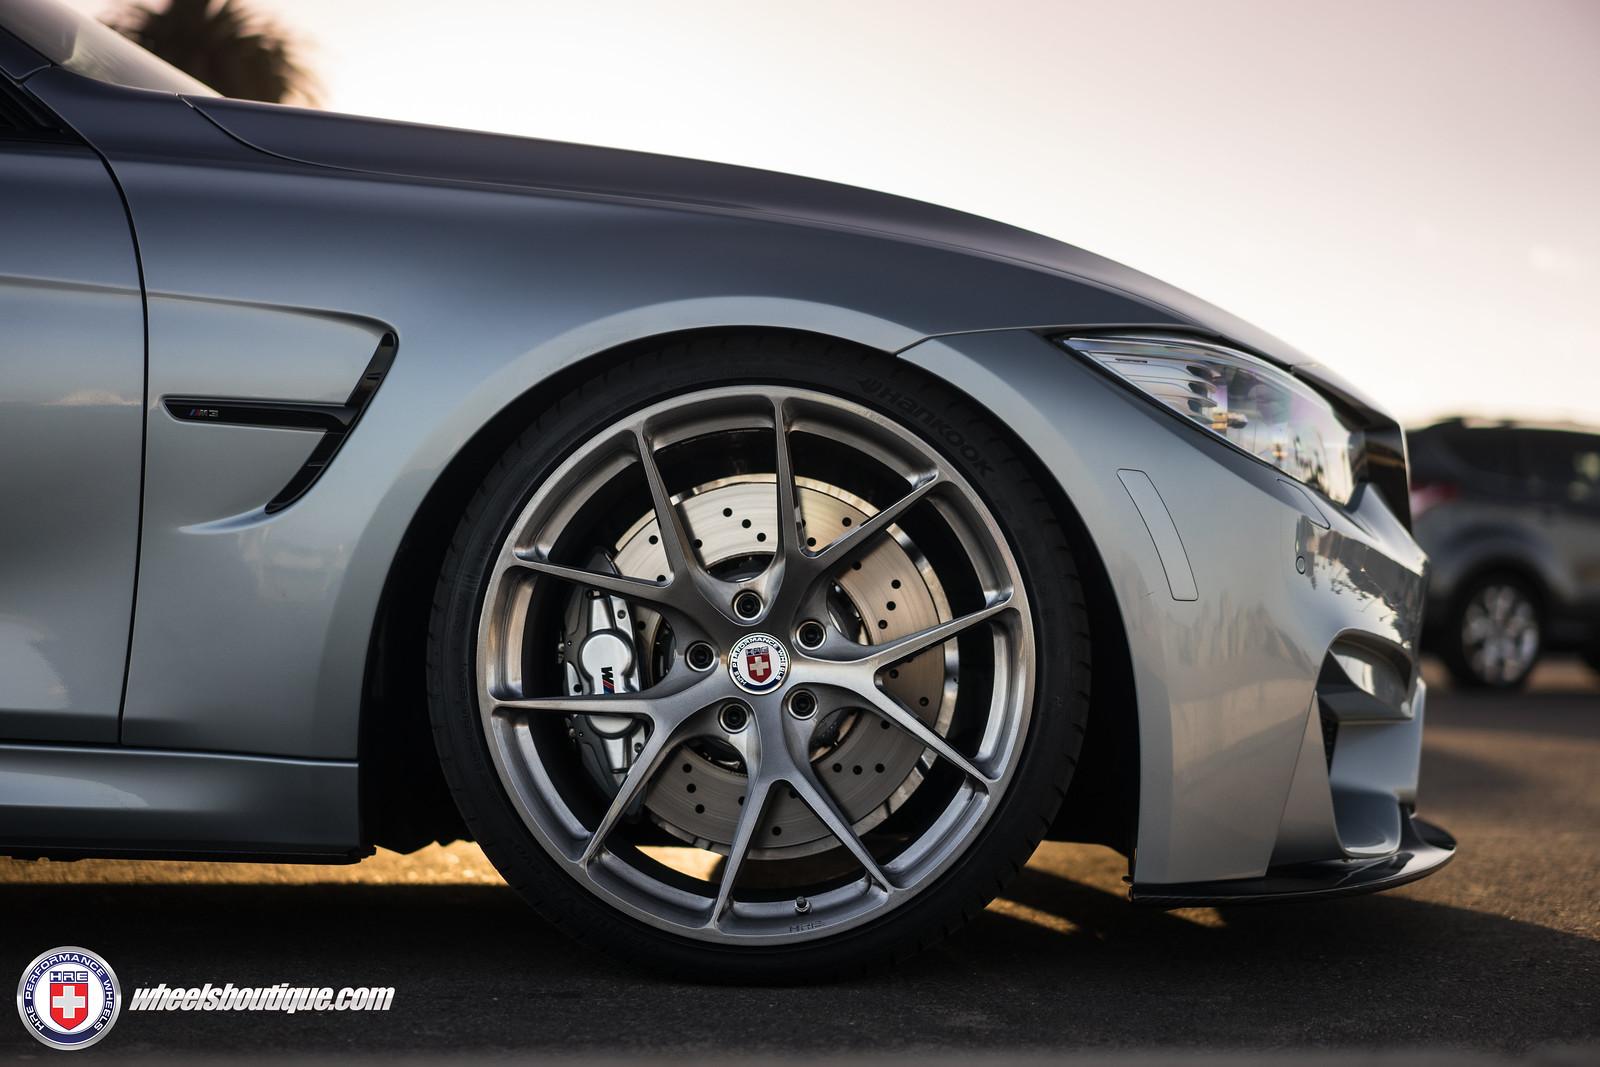 Forged Wheels? - Page 2 - Rennlist - Porsche Discussion Forums